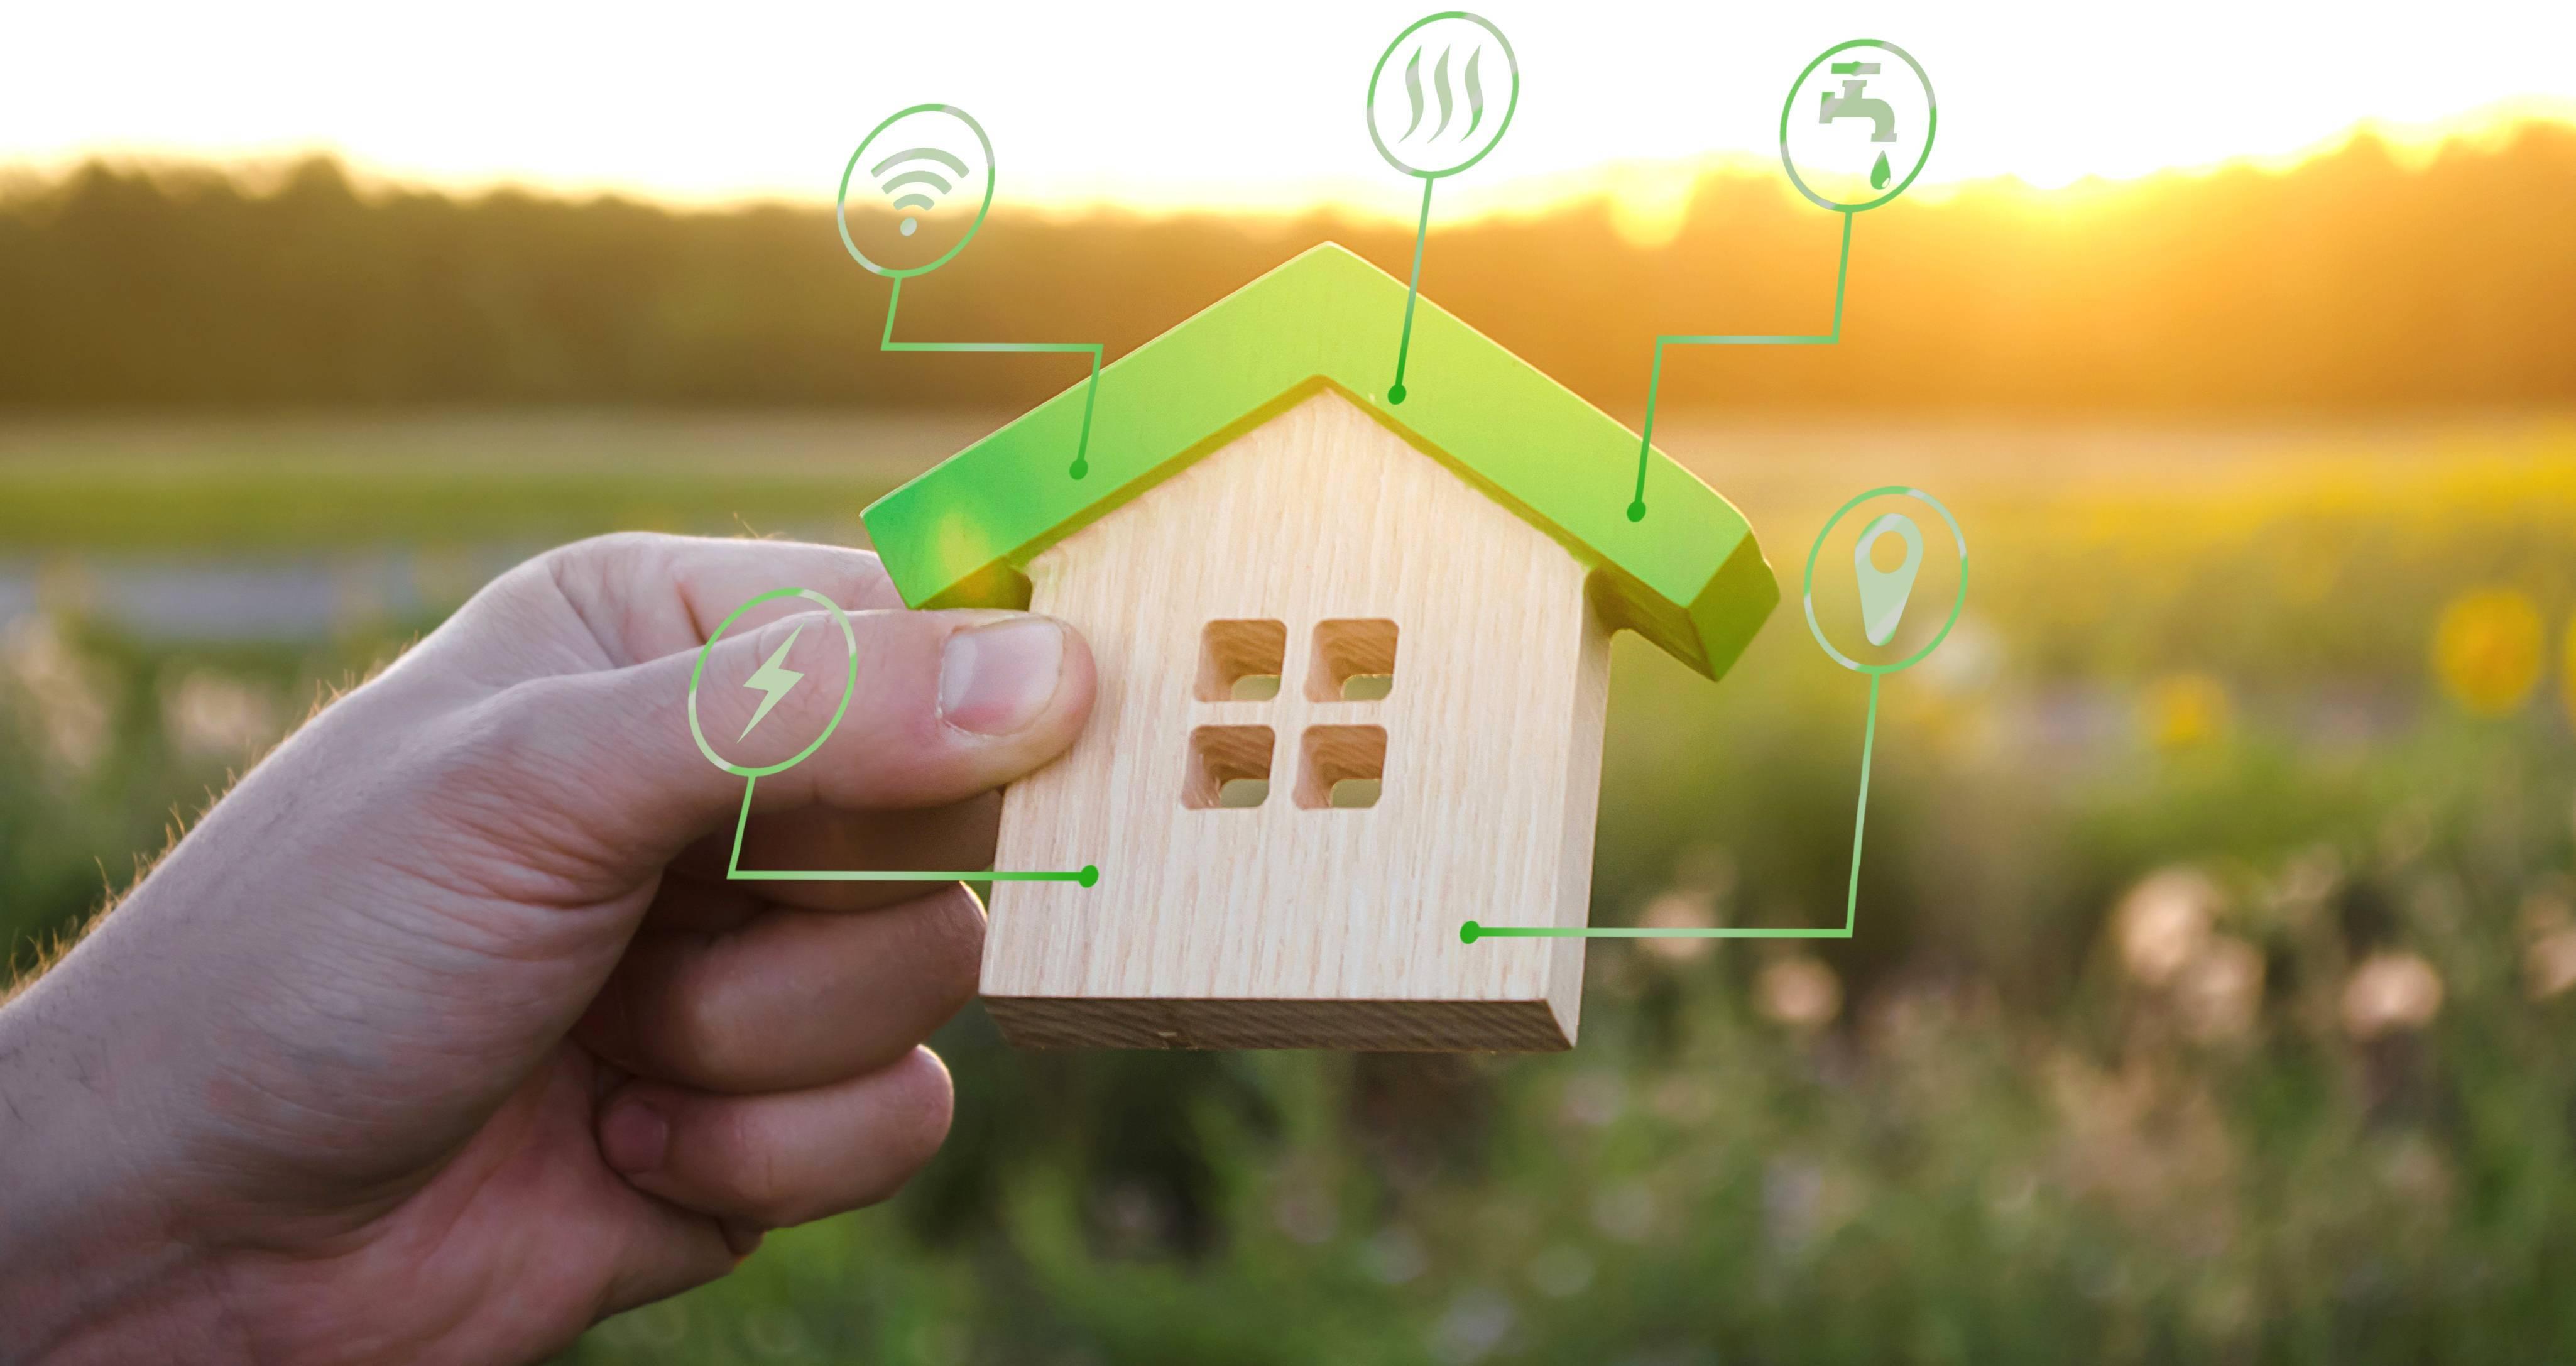 rénovation énergétique, les étapes pour passer au vert